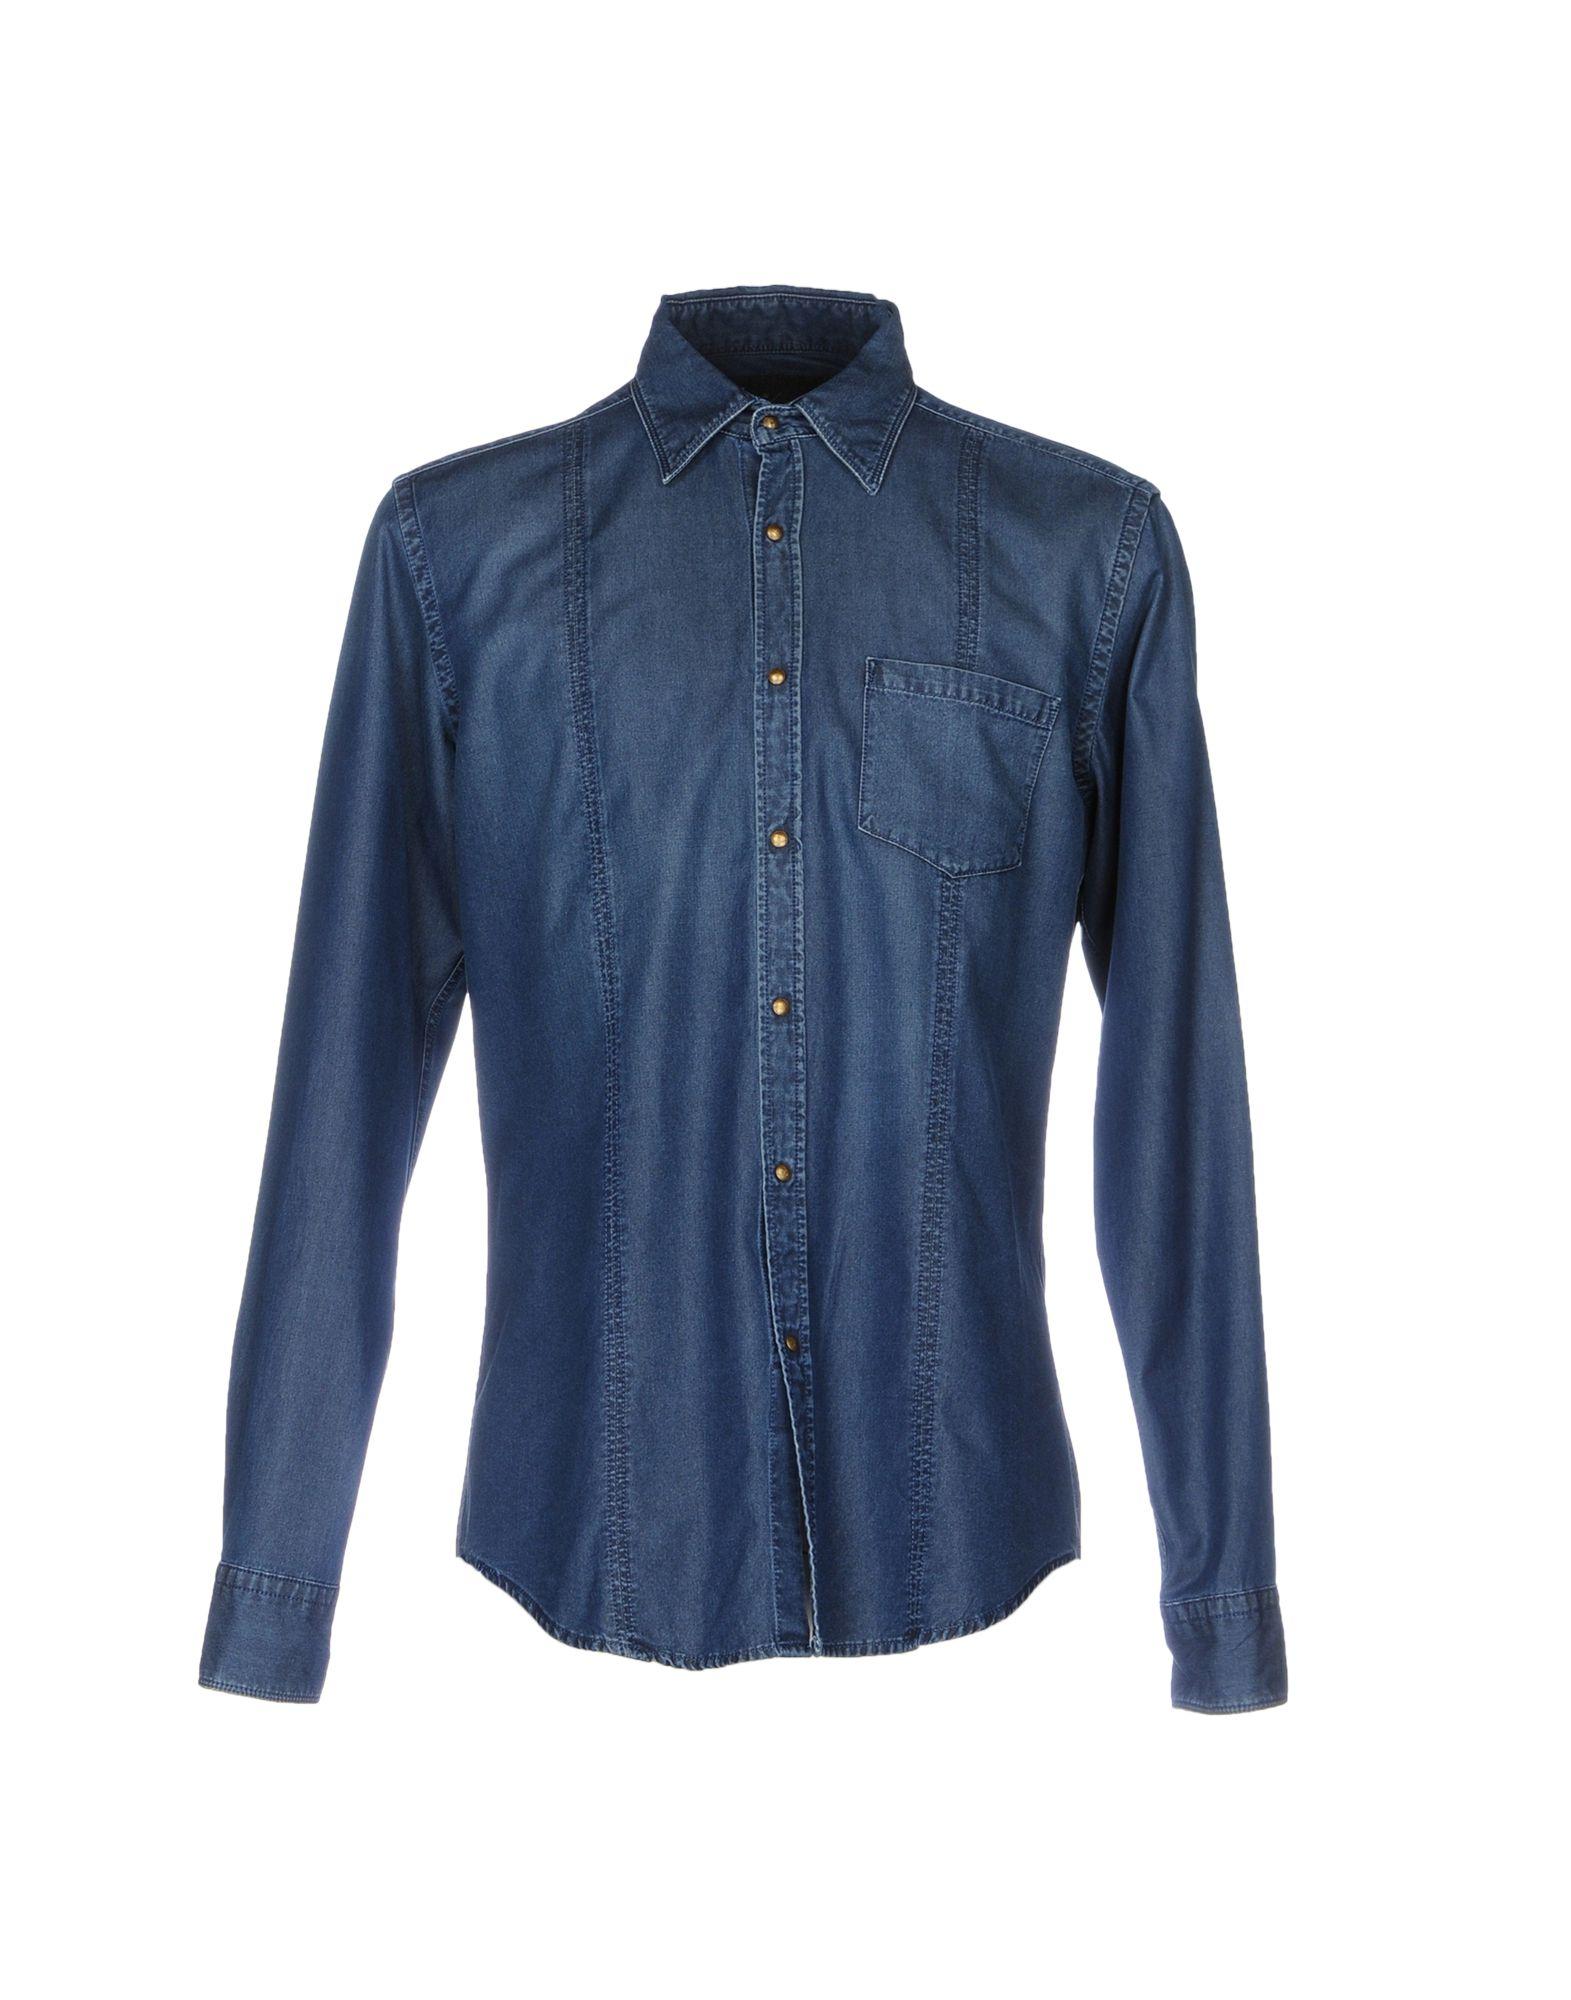 NOHOW X MESSAGERIE Джинсовая рубашка цена